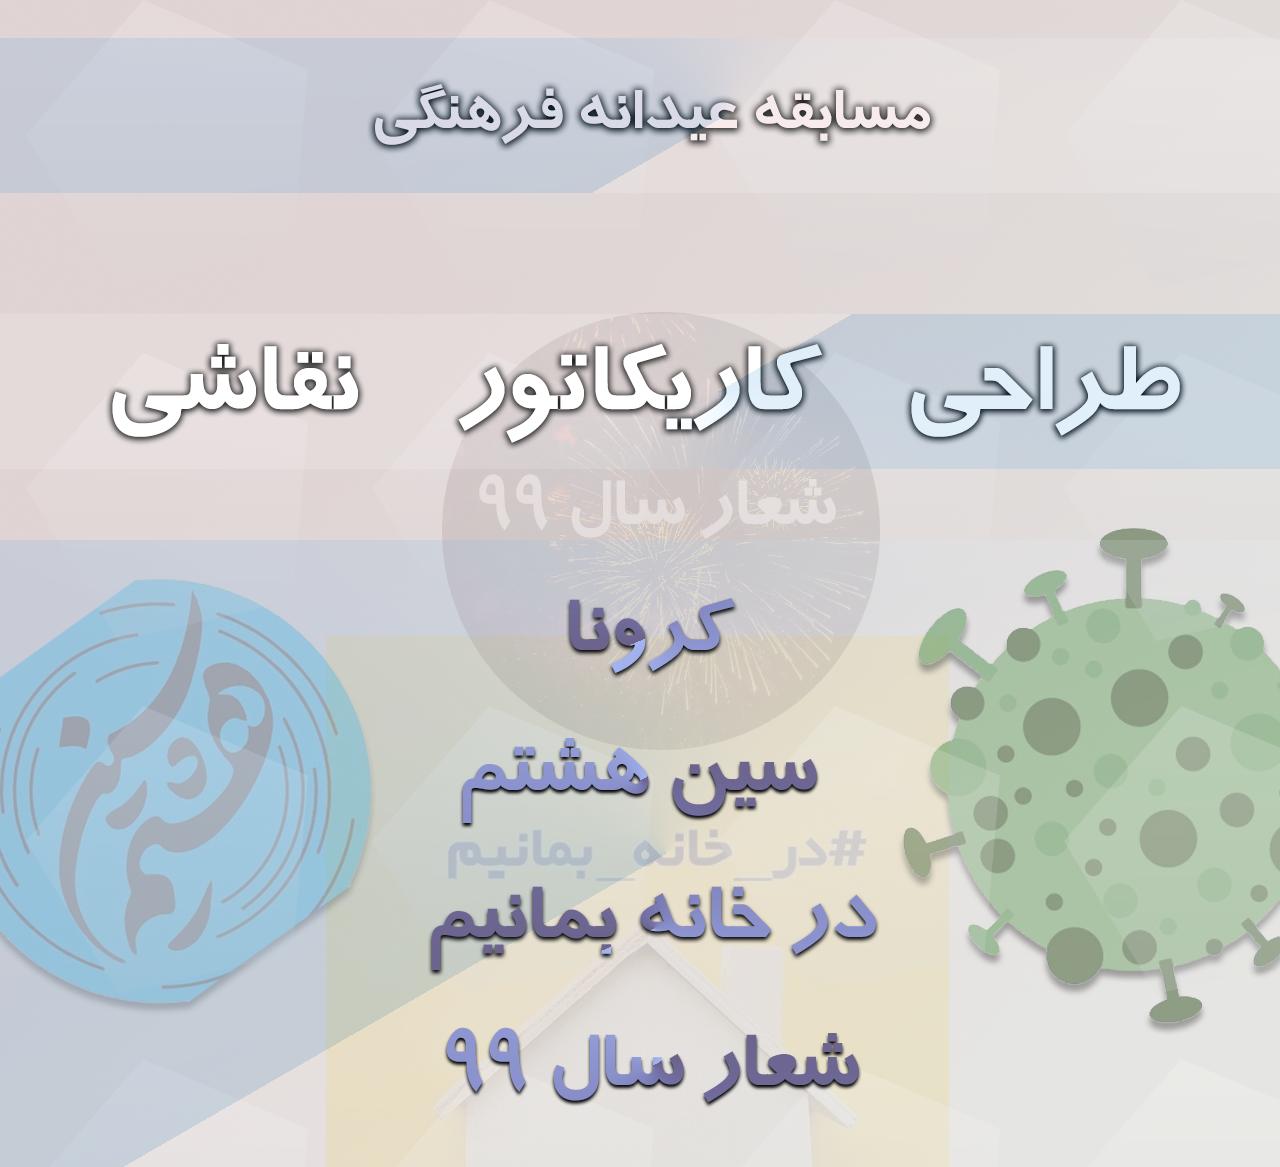 مسابقه عیدانه فرهنگی ویژه نوروز ۹۹/ اهدای جایزه به بهترین نقاش و کاریکاتوریست